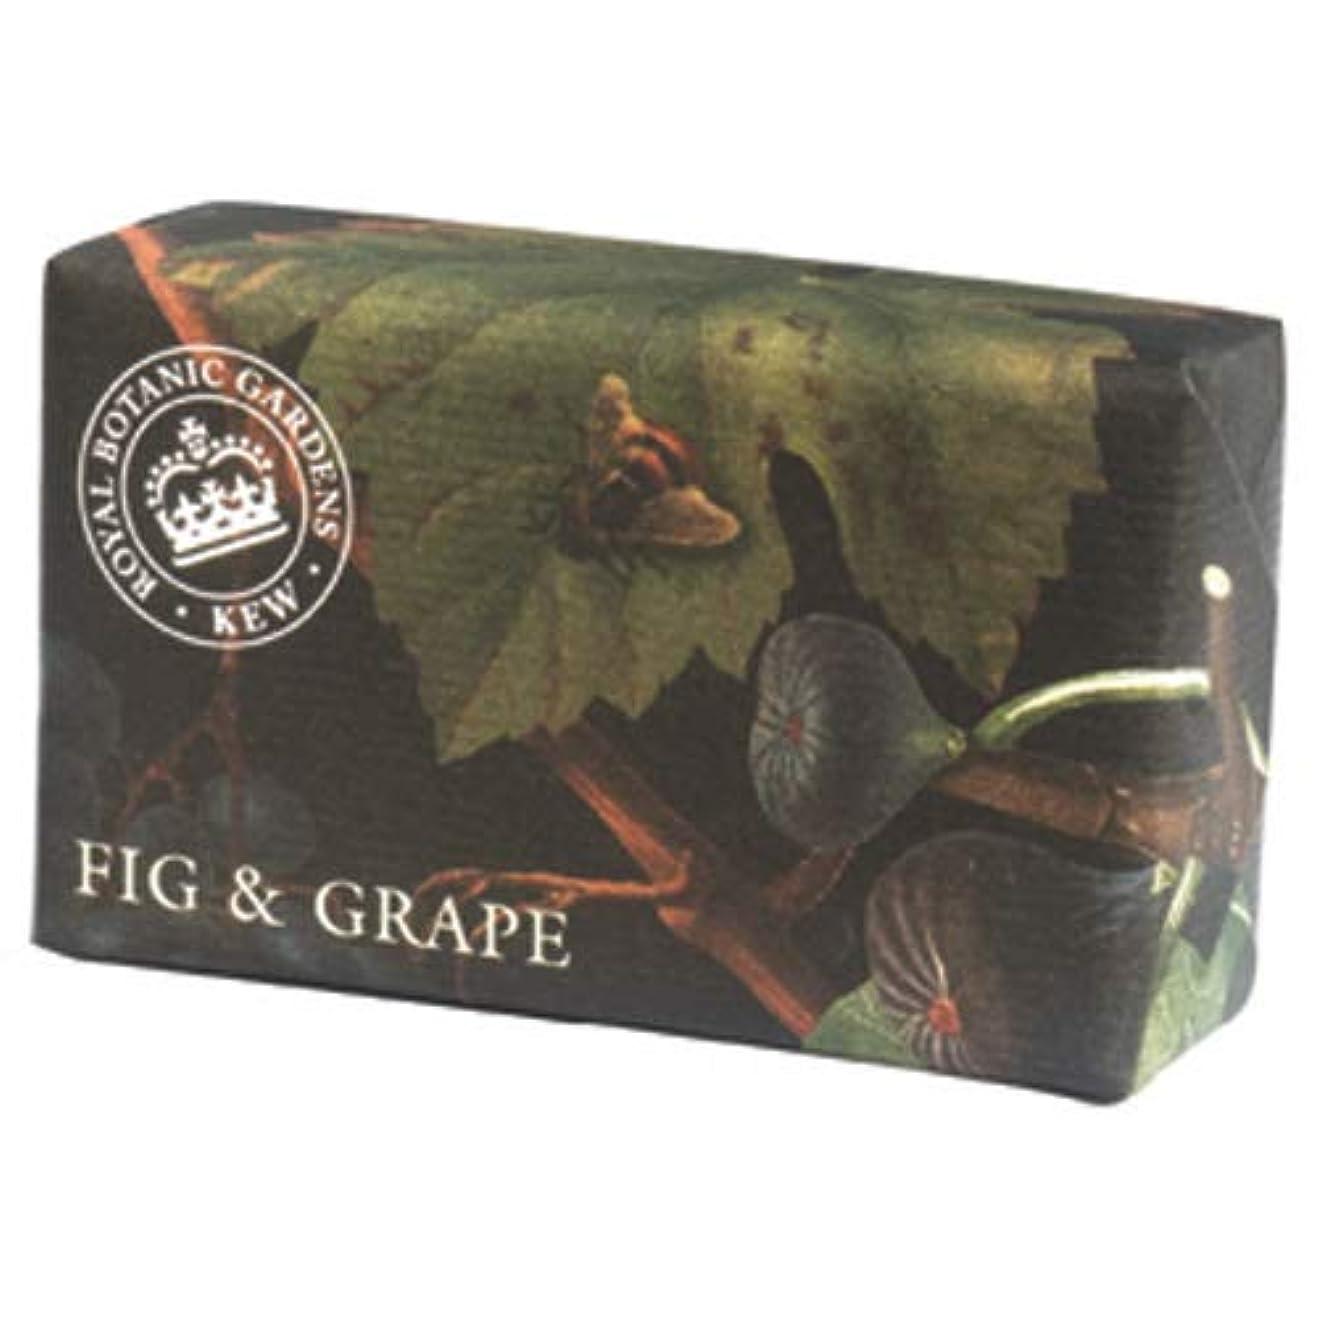 叫び声わがまま静けさEnglish Soap Company イングリッシュソープカンパニー KEW GARDEN キュー?ガーデン Luxury Shea Soaps シアソープ Fig & Grape フィグ&グレープ